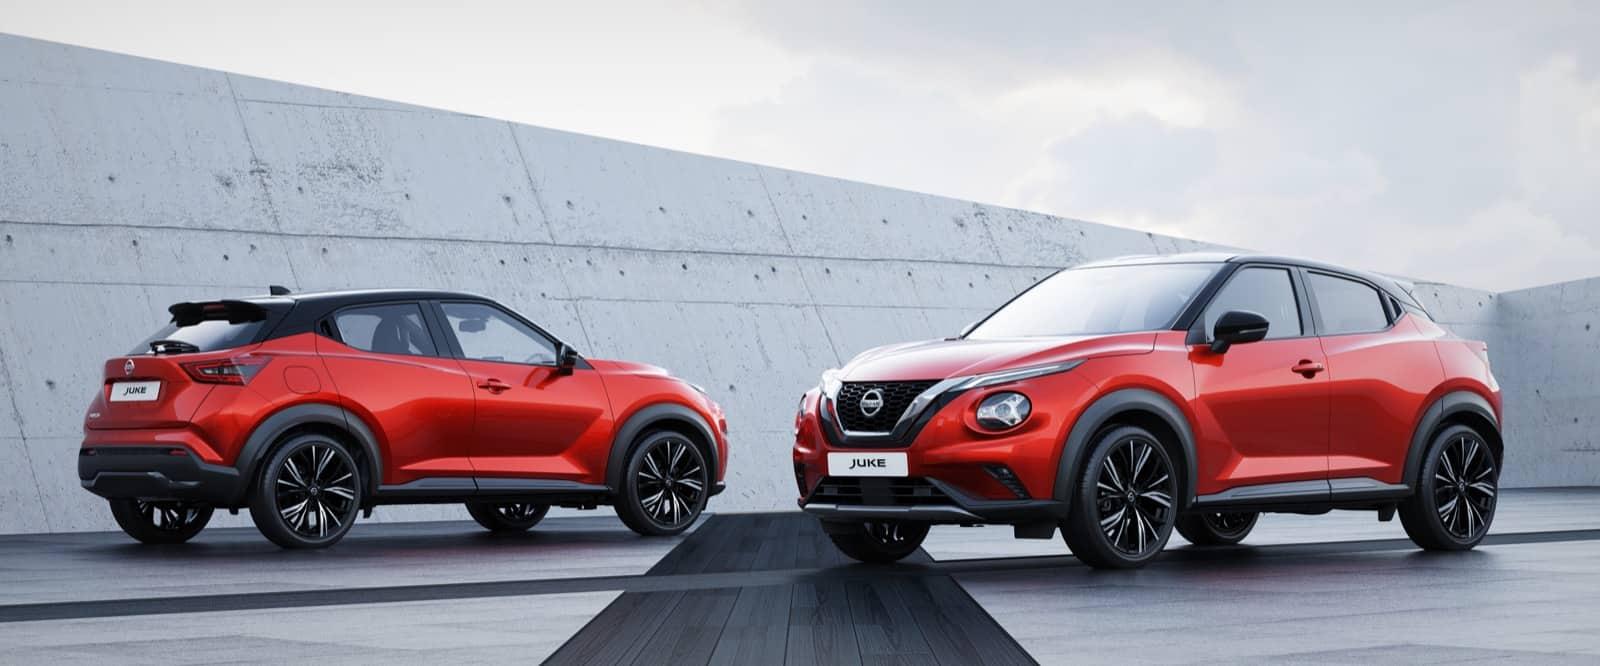 Nissan-Juke-2020-015